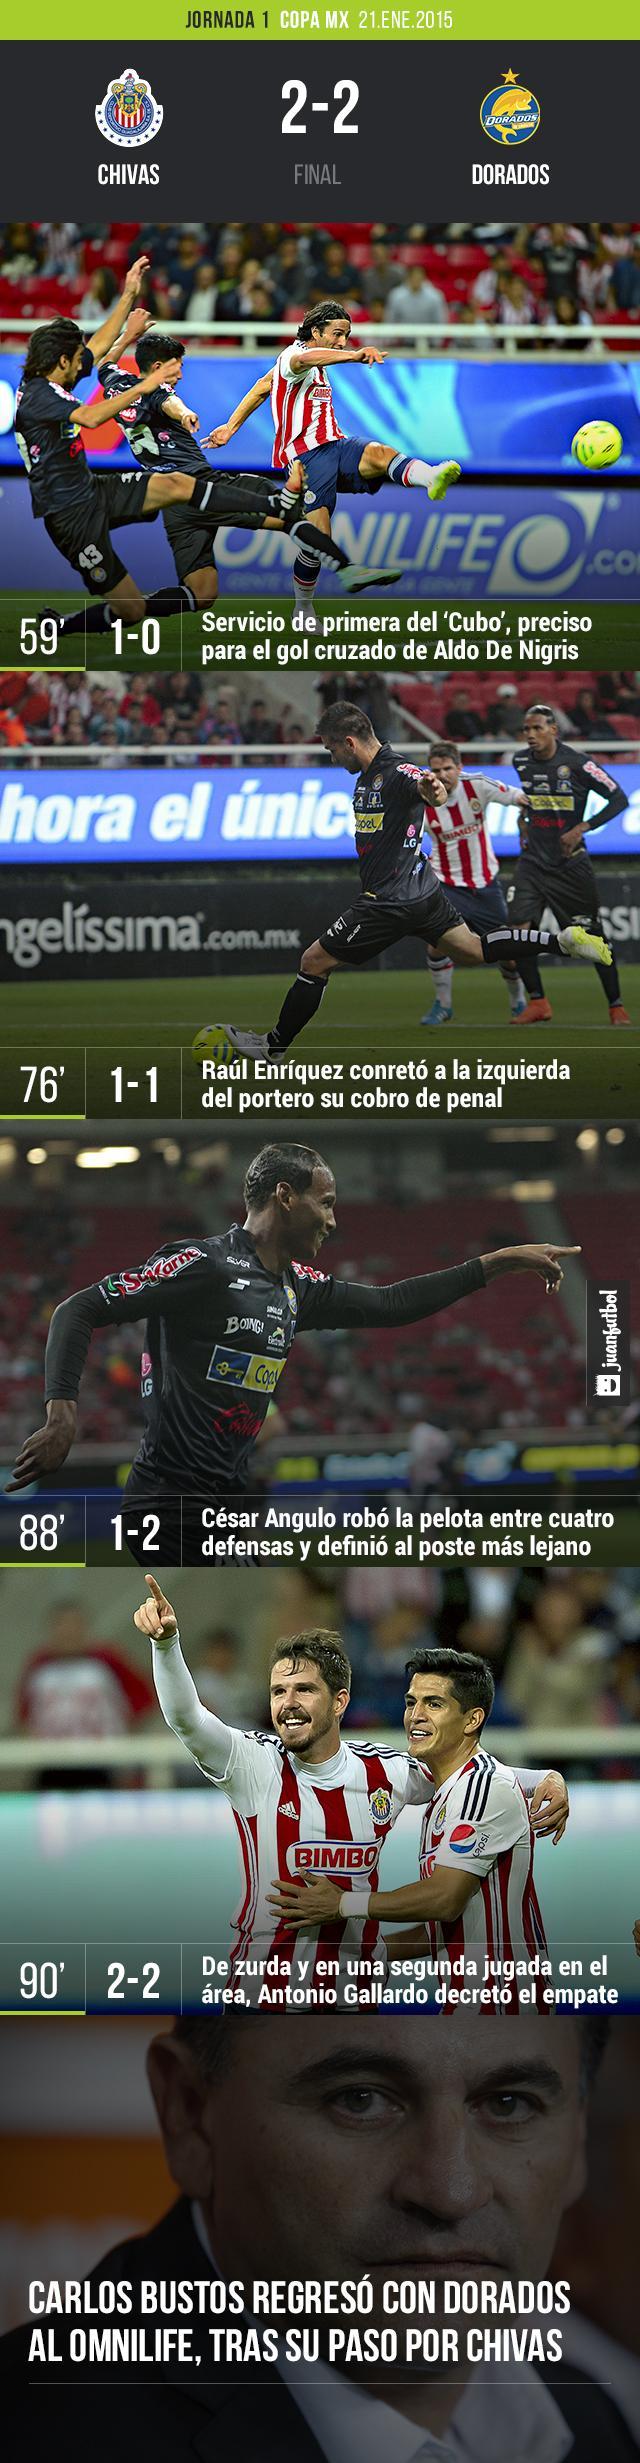 Chivas vs. Dorados